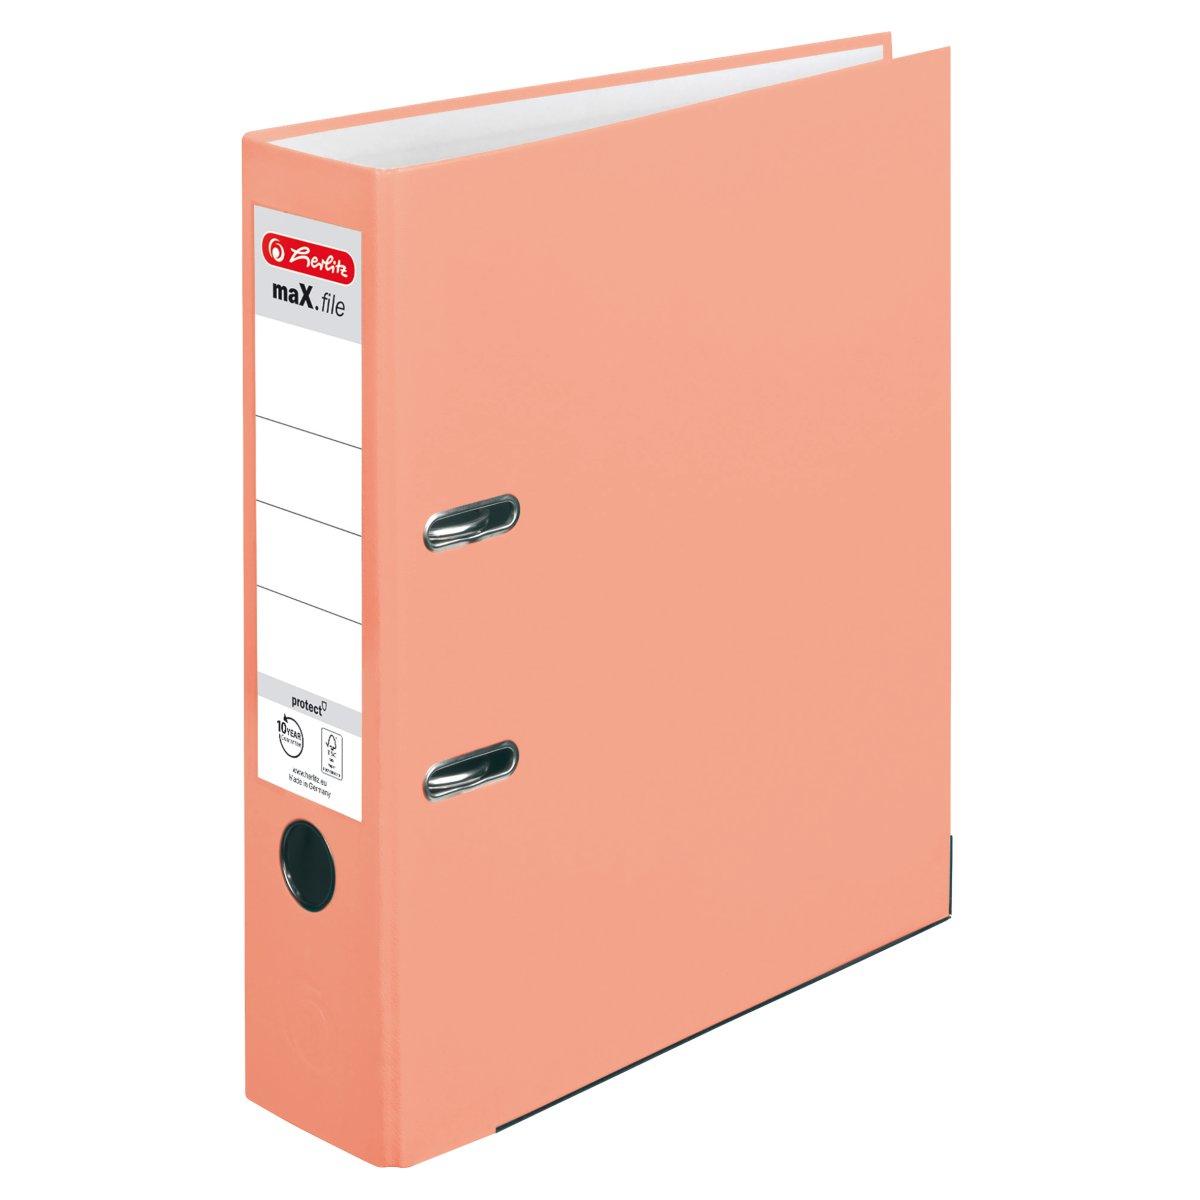 Herlitz maX.file - A4 - Halteöse - Lagerung - Polypropylen (PP) - Orange - Deutschland